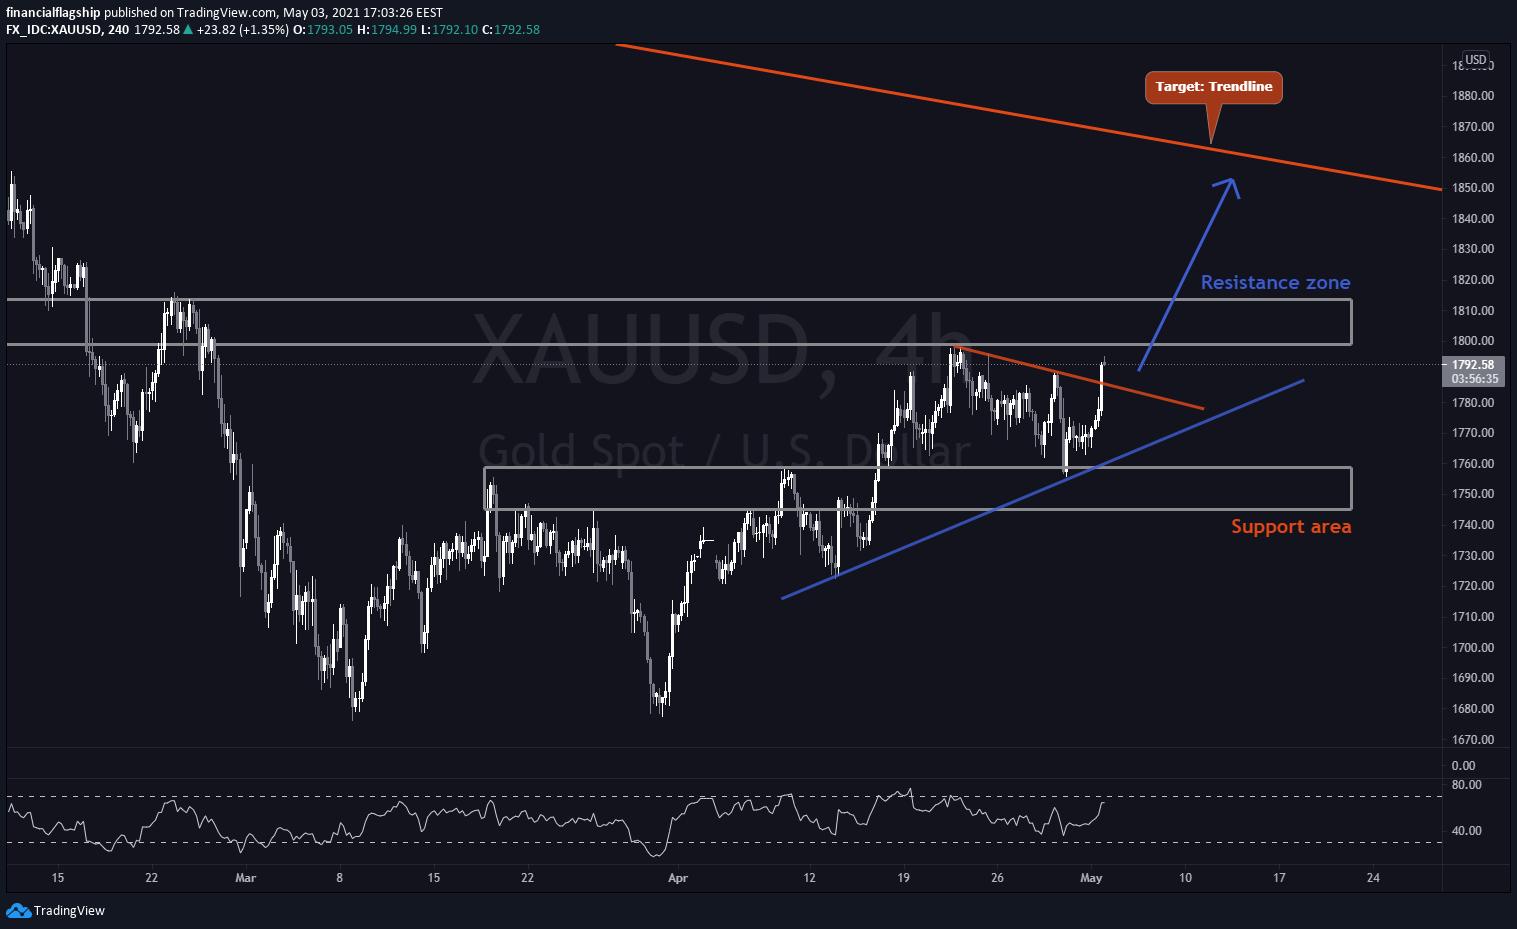 GOLD (XAU/USD) - Week 18